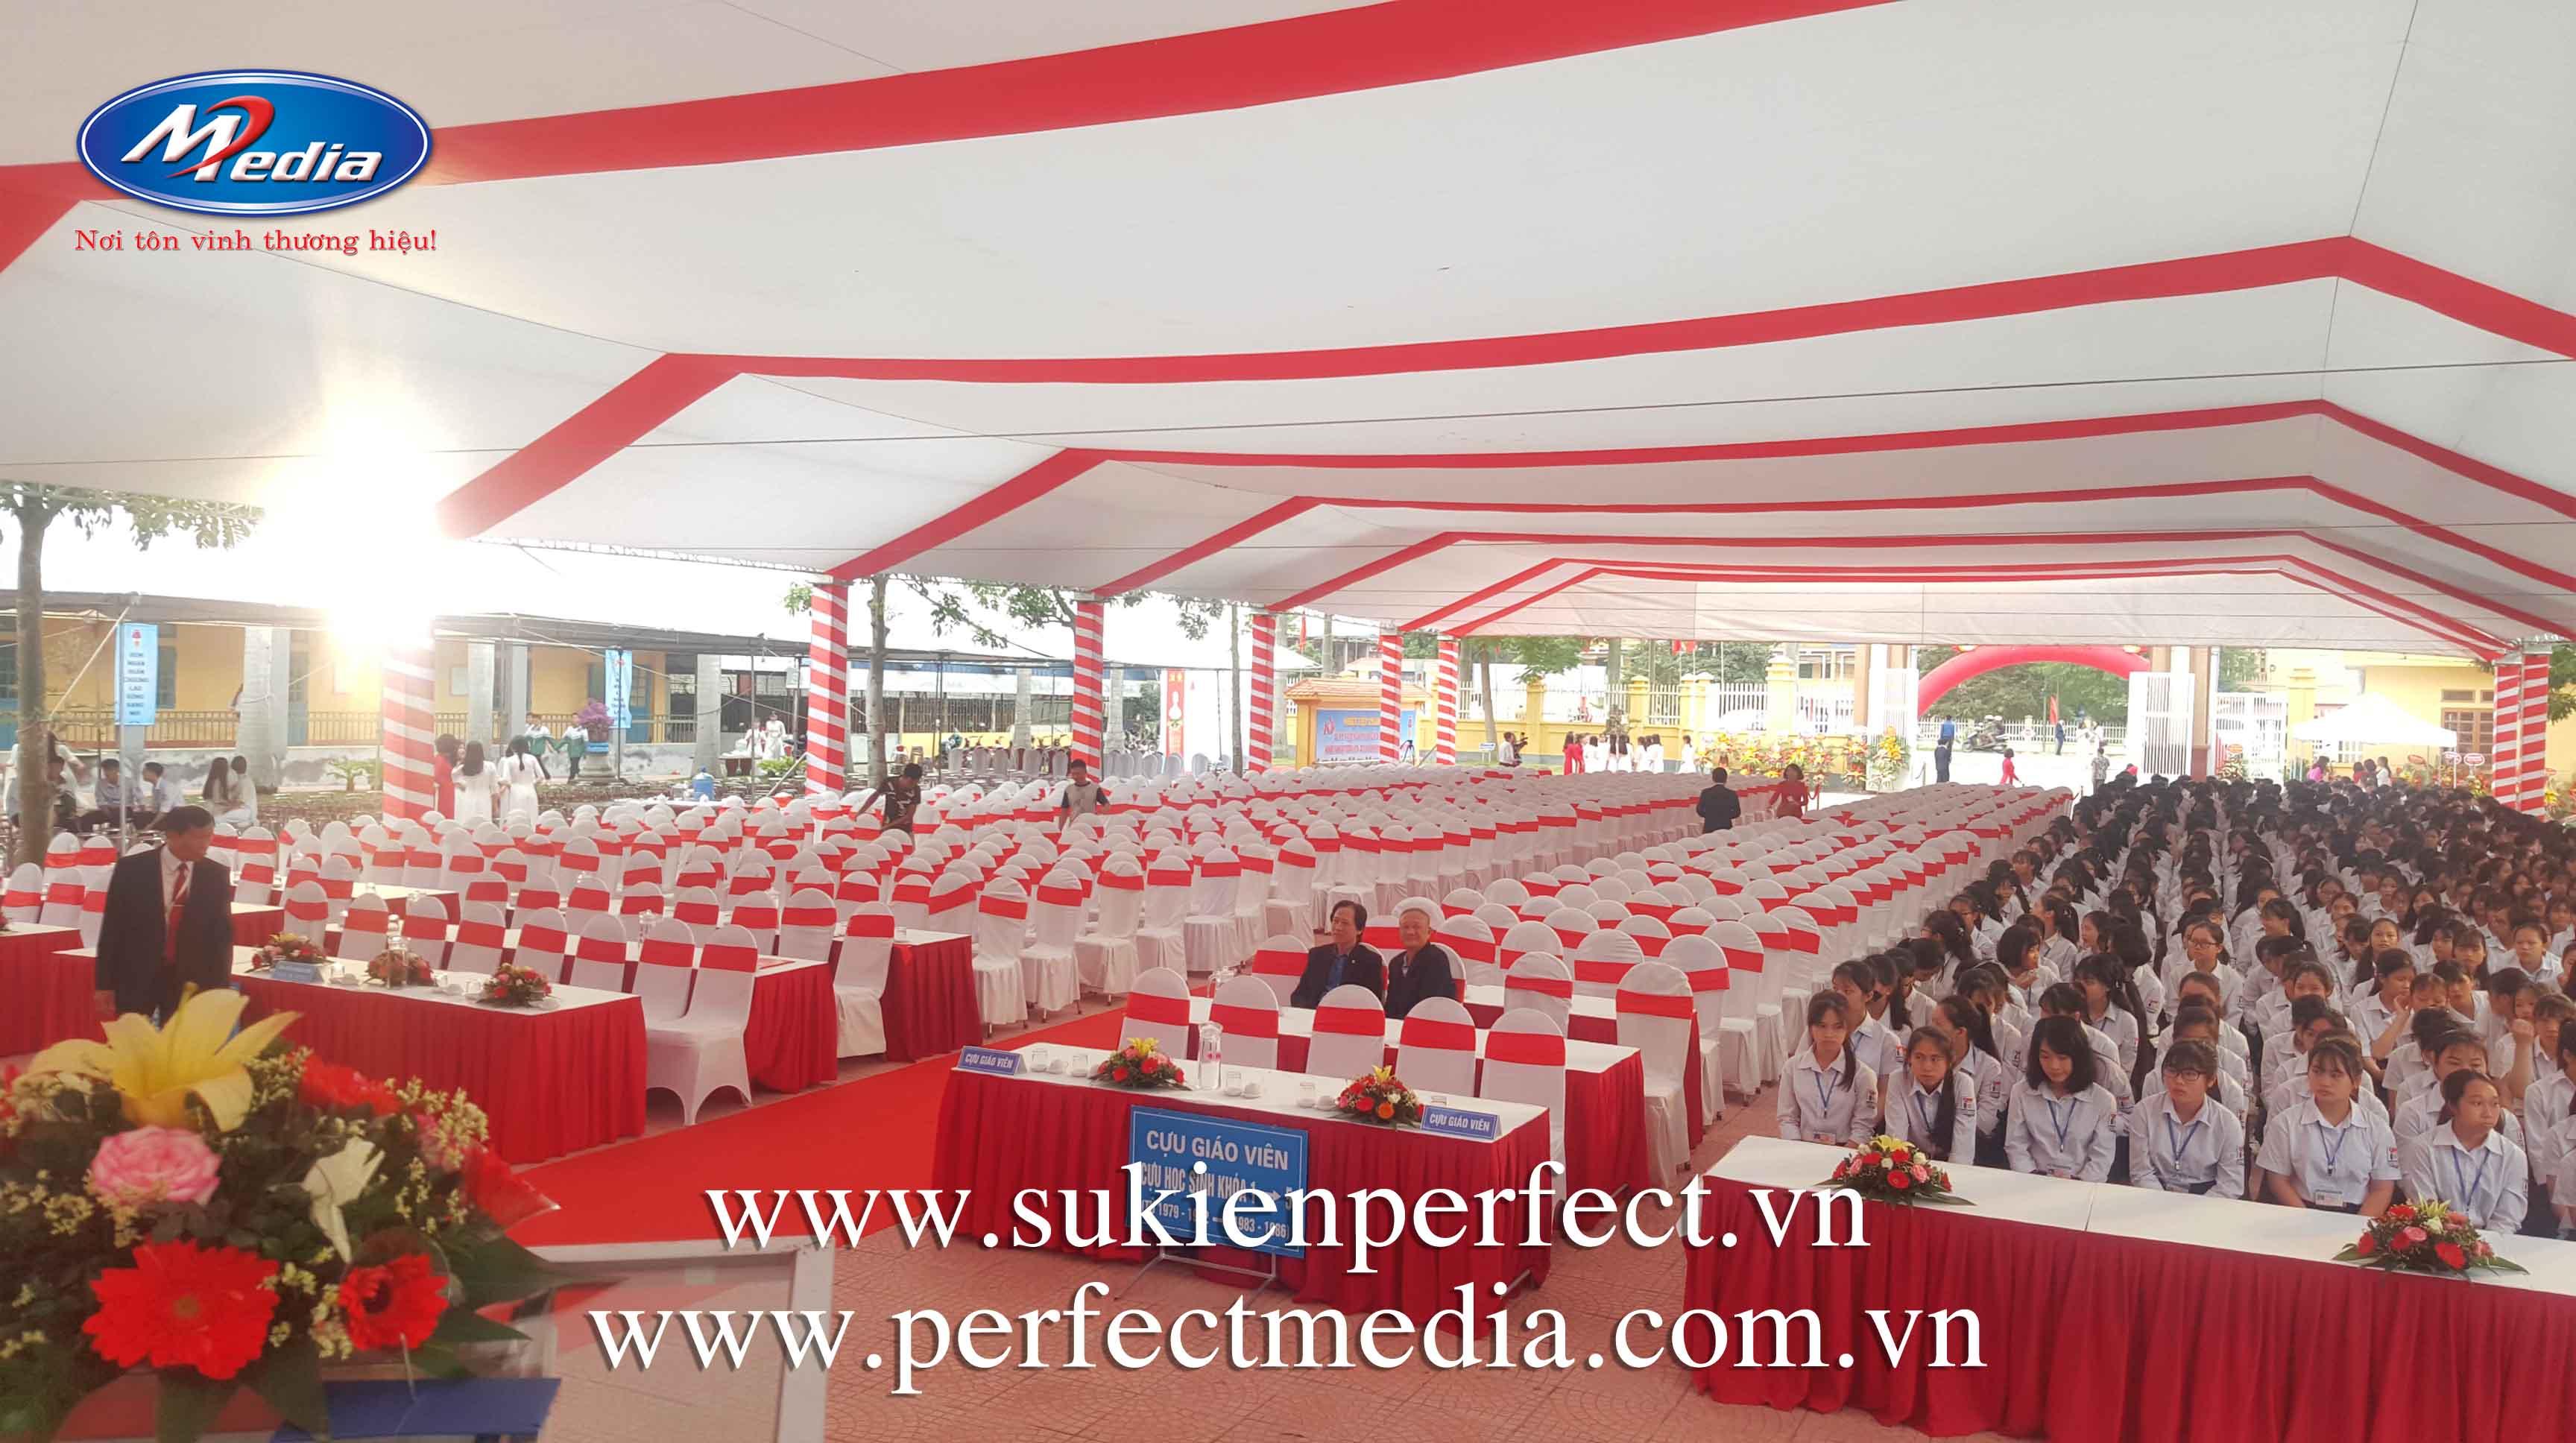 Cho thuê nhà bạt, bàn ghế sự kiện chuyên nghiệp tại Thái Bình 2